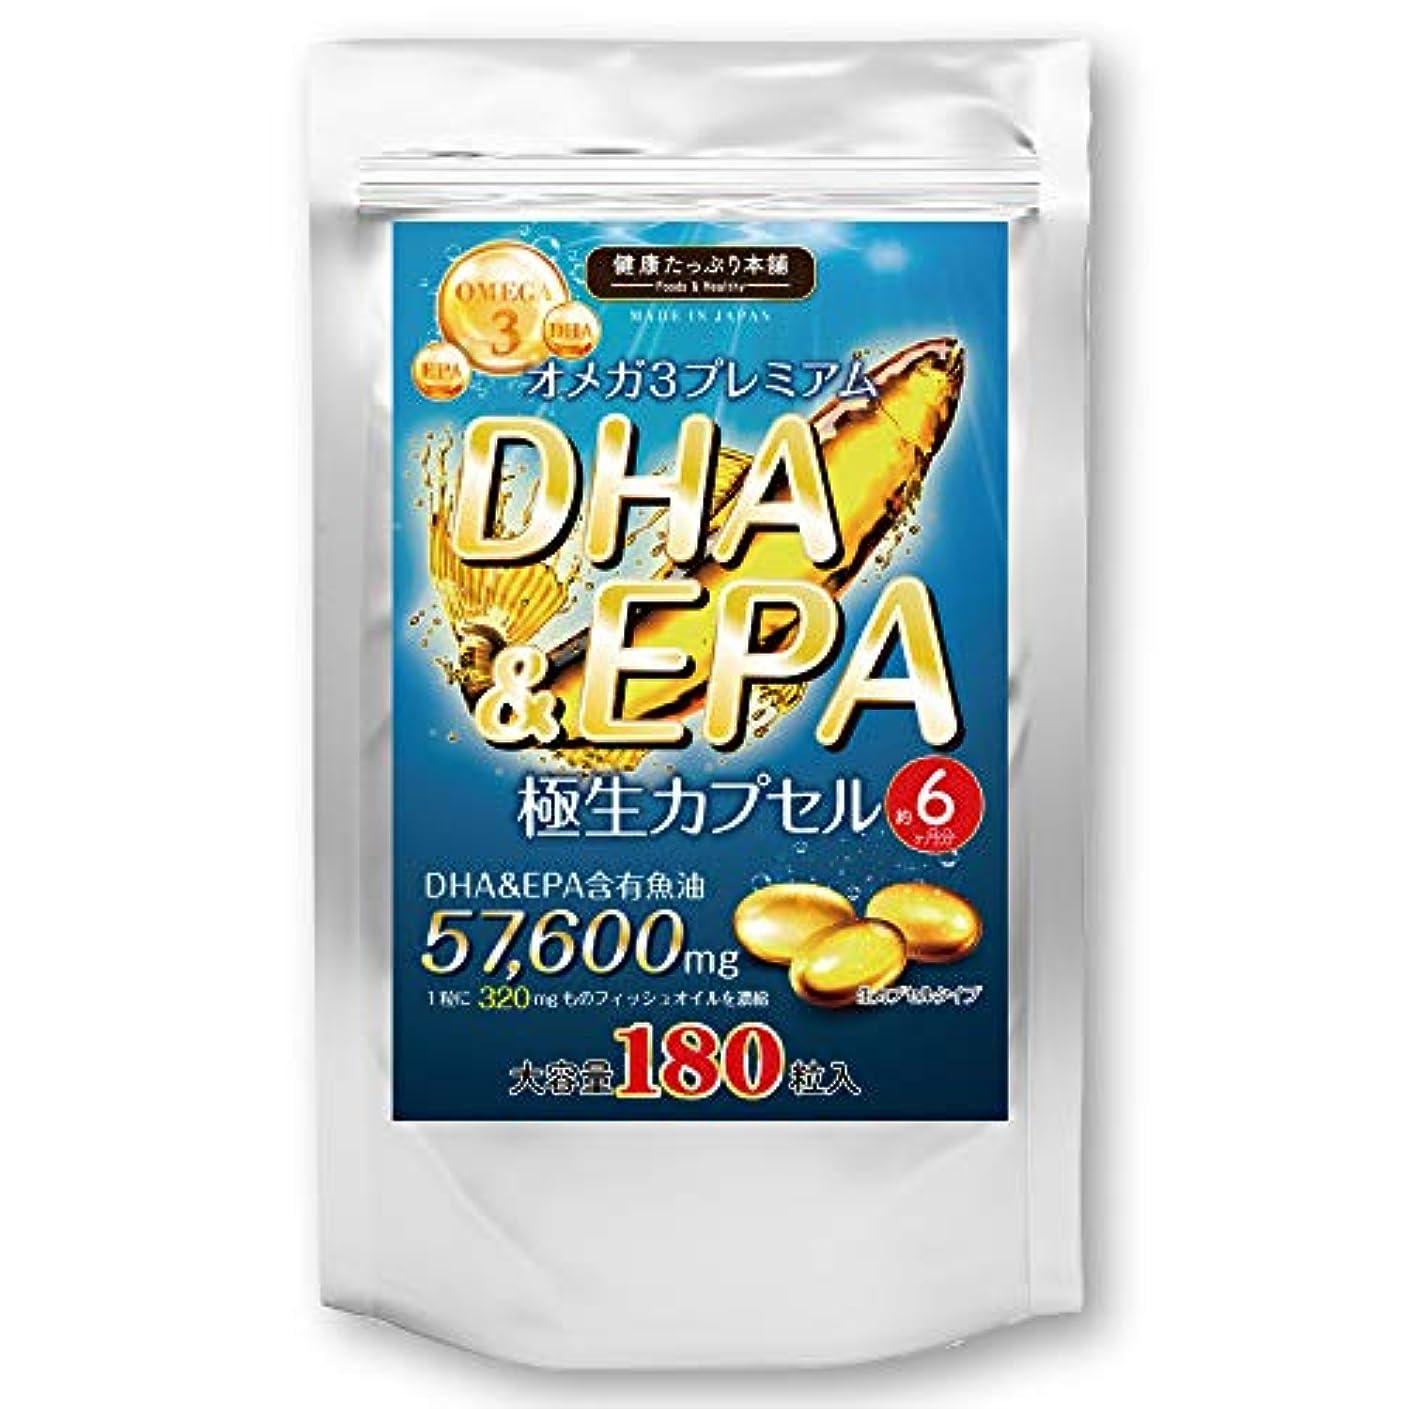 略すニッケル氏オメガ3プレミアム DHA&EPA 極生ソフトカプセル 大容量約6ヶ月分/180粒(DHA含有魚油?EPA含有魚油)